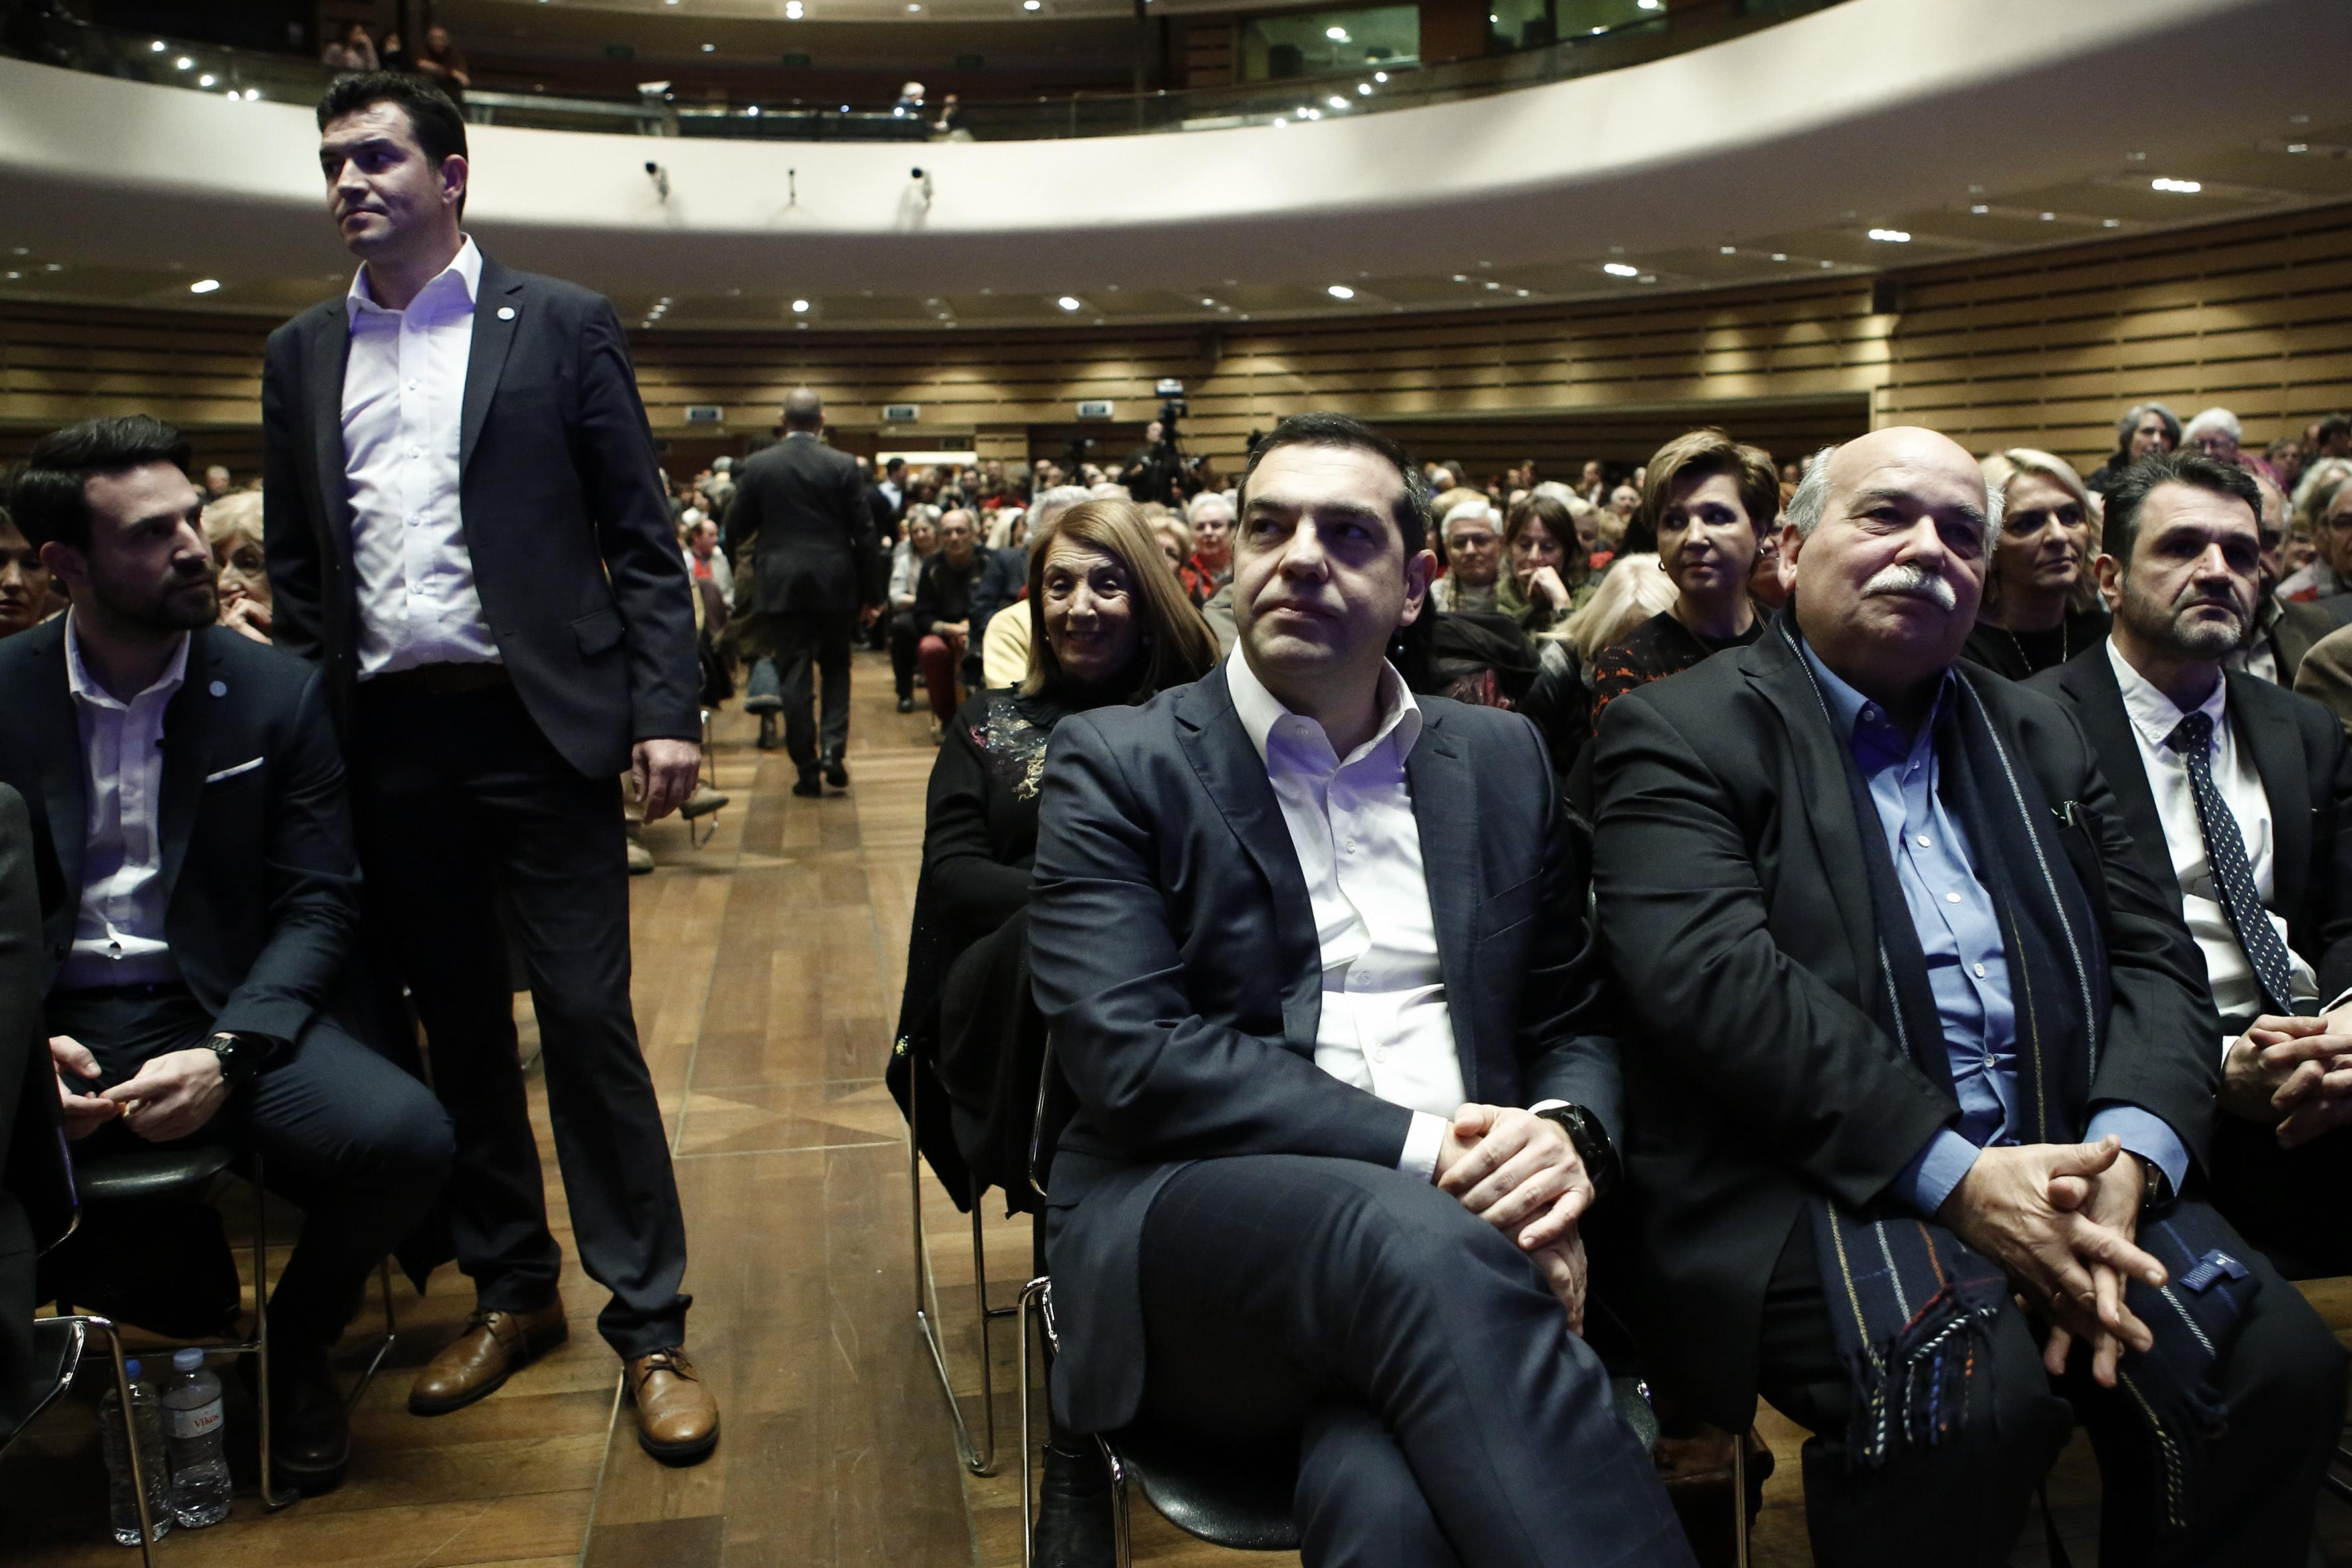 tsipras-sta-istorika-dilimmata-prepei-na-pairnontai-istorikes-apofaseis-vinteo-fotografies4